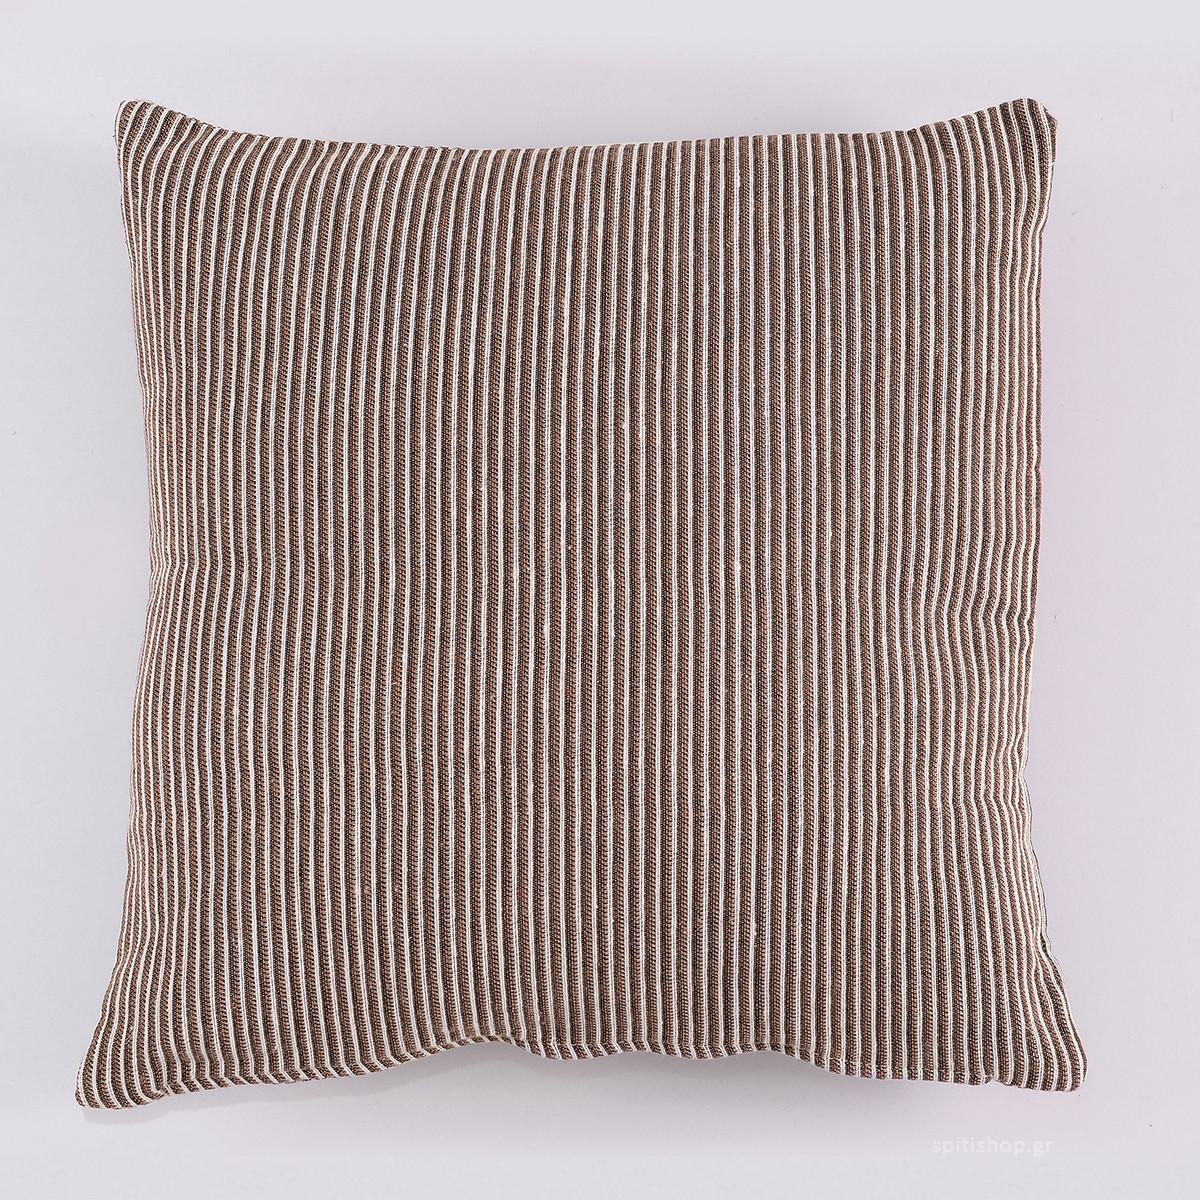 Διακοσμητική Μαξιλαροθήκη (40×40) Rythmos Franic 03 Καφέ